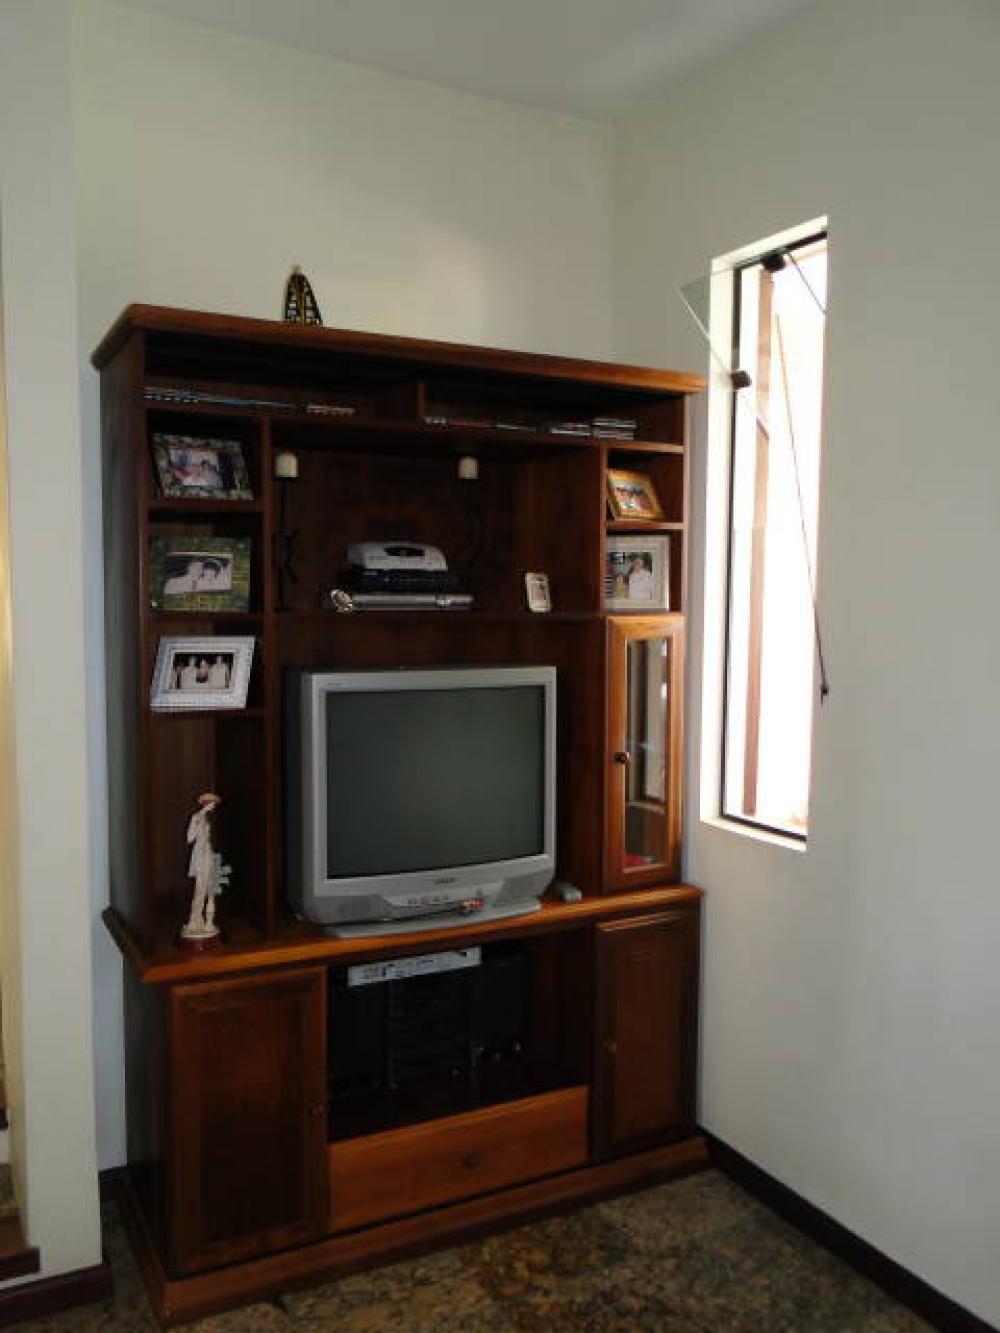 Comprar Casa / Condomínio em Bertioga R$ 1.900.000,00 - Foto 29